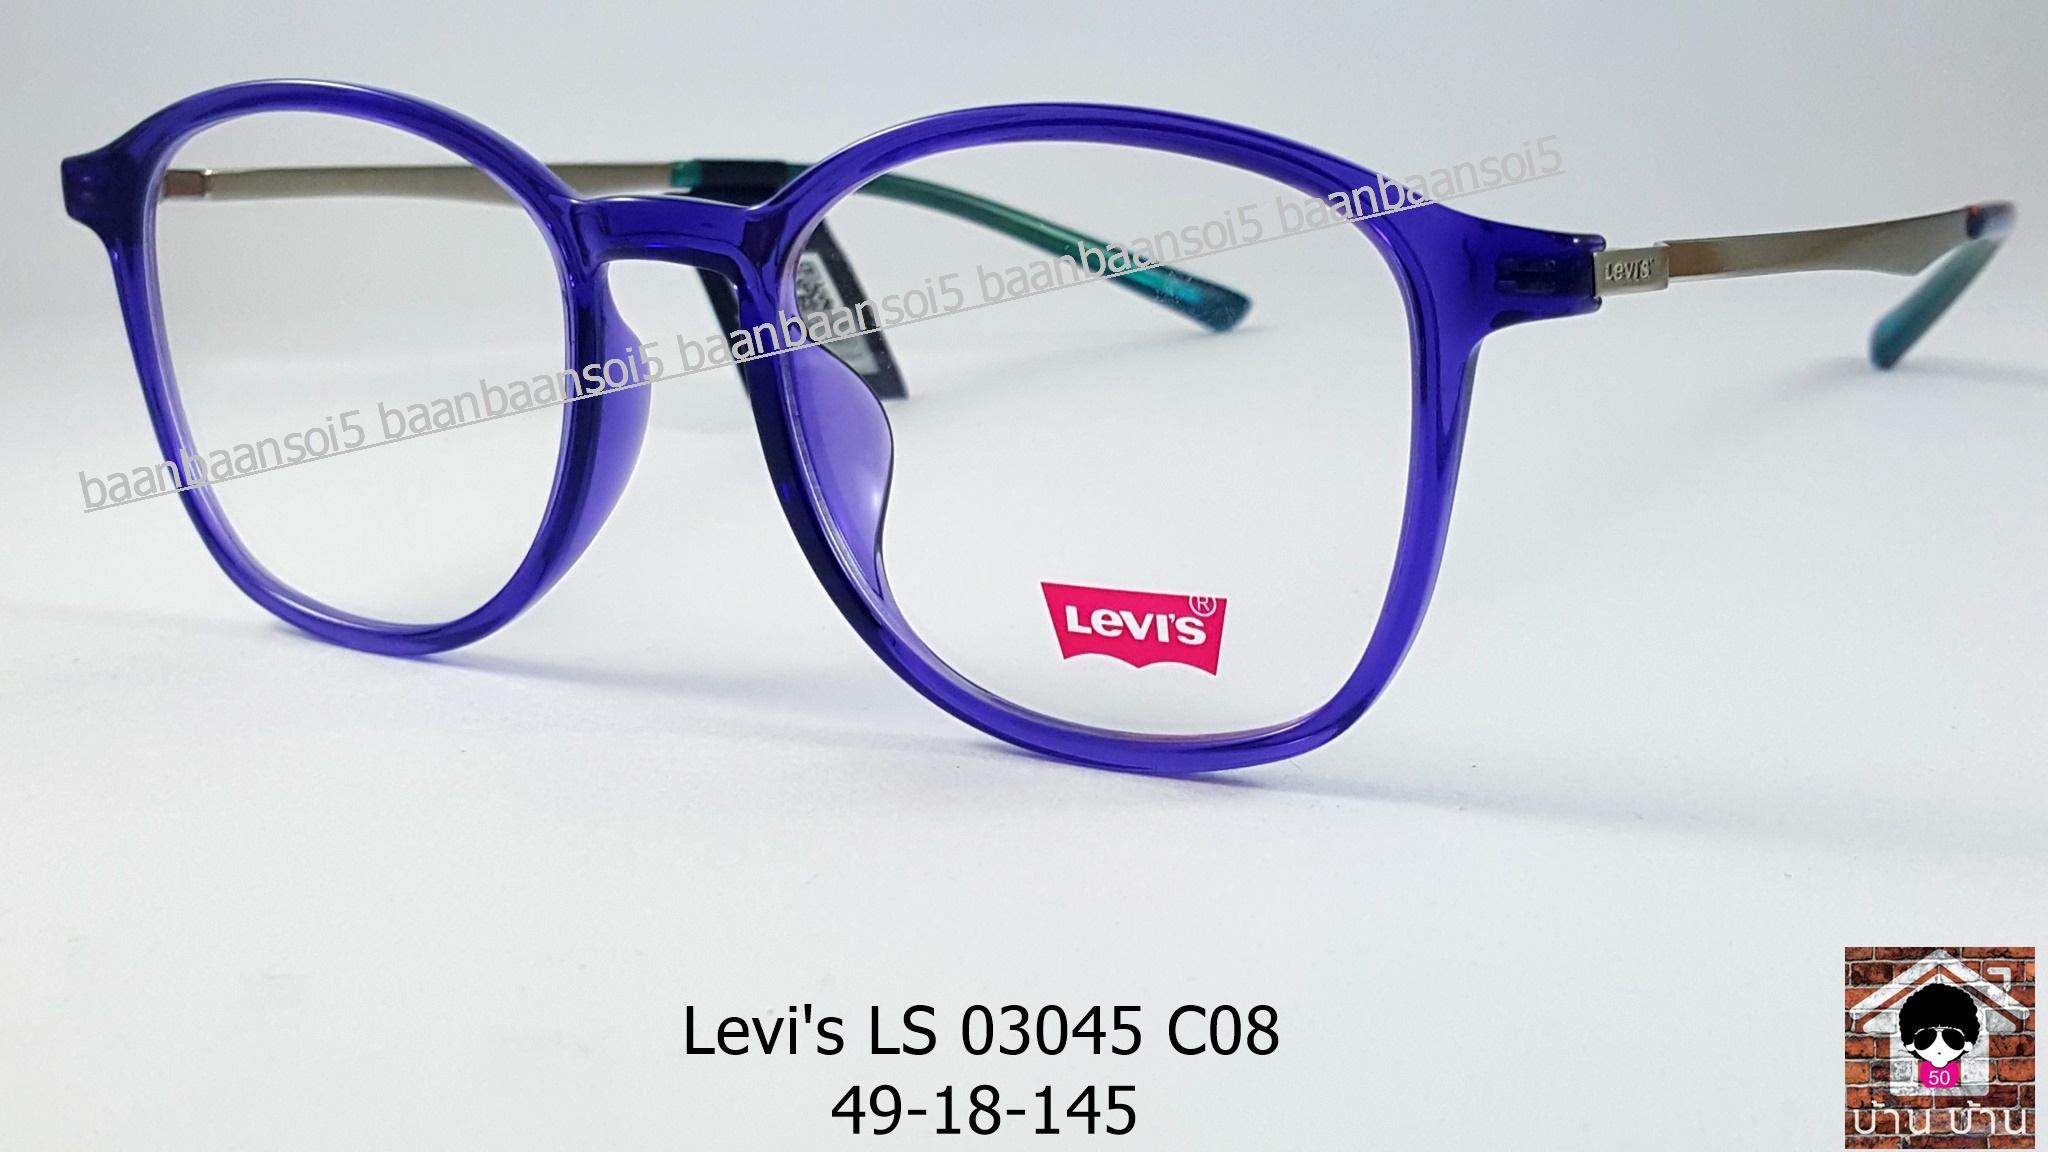 Levi's LS 03045 c08 โปรโมชั่น กรอบแว่นตาพร้อมเลนส์ HOYA ราคา 3,200 บาท